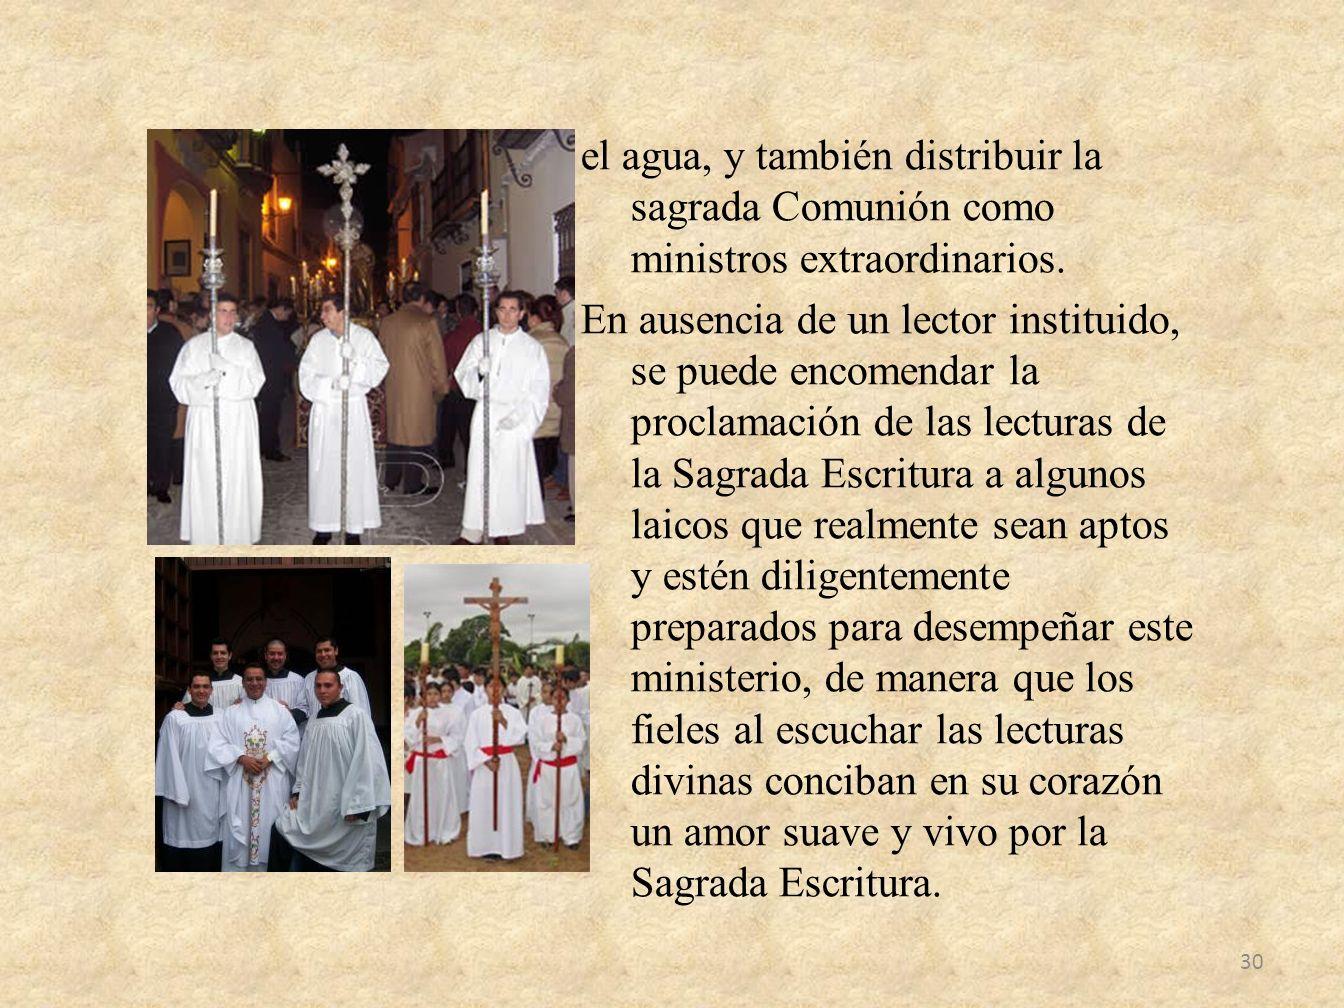 el agua, y también distribuir la sagrada Comunión como ministros extraordinarios. En ausencia de un lector instituido, se puede encomendar la proclama